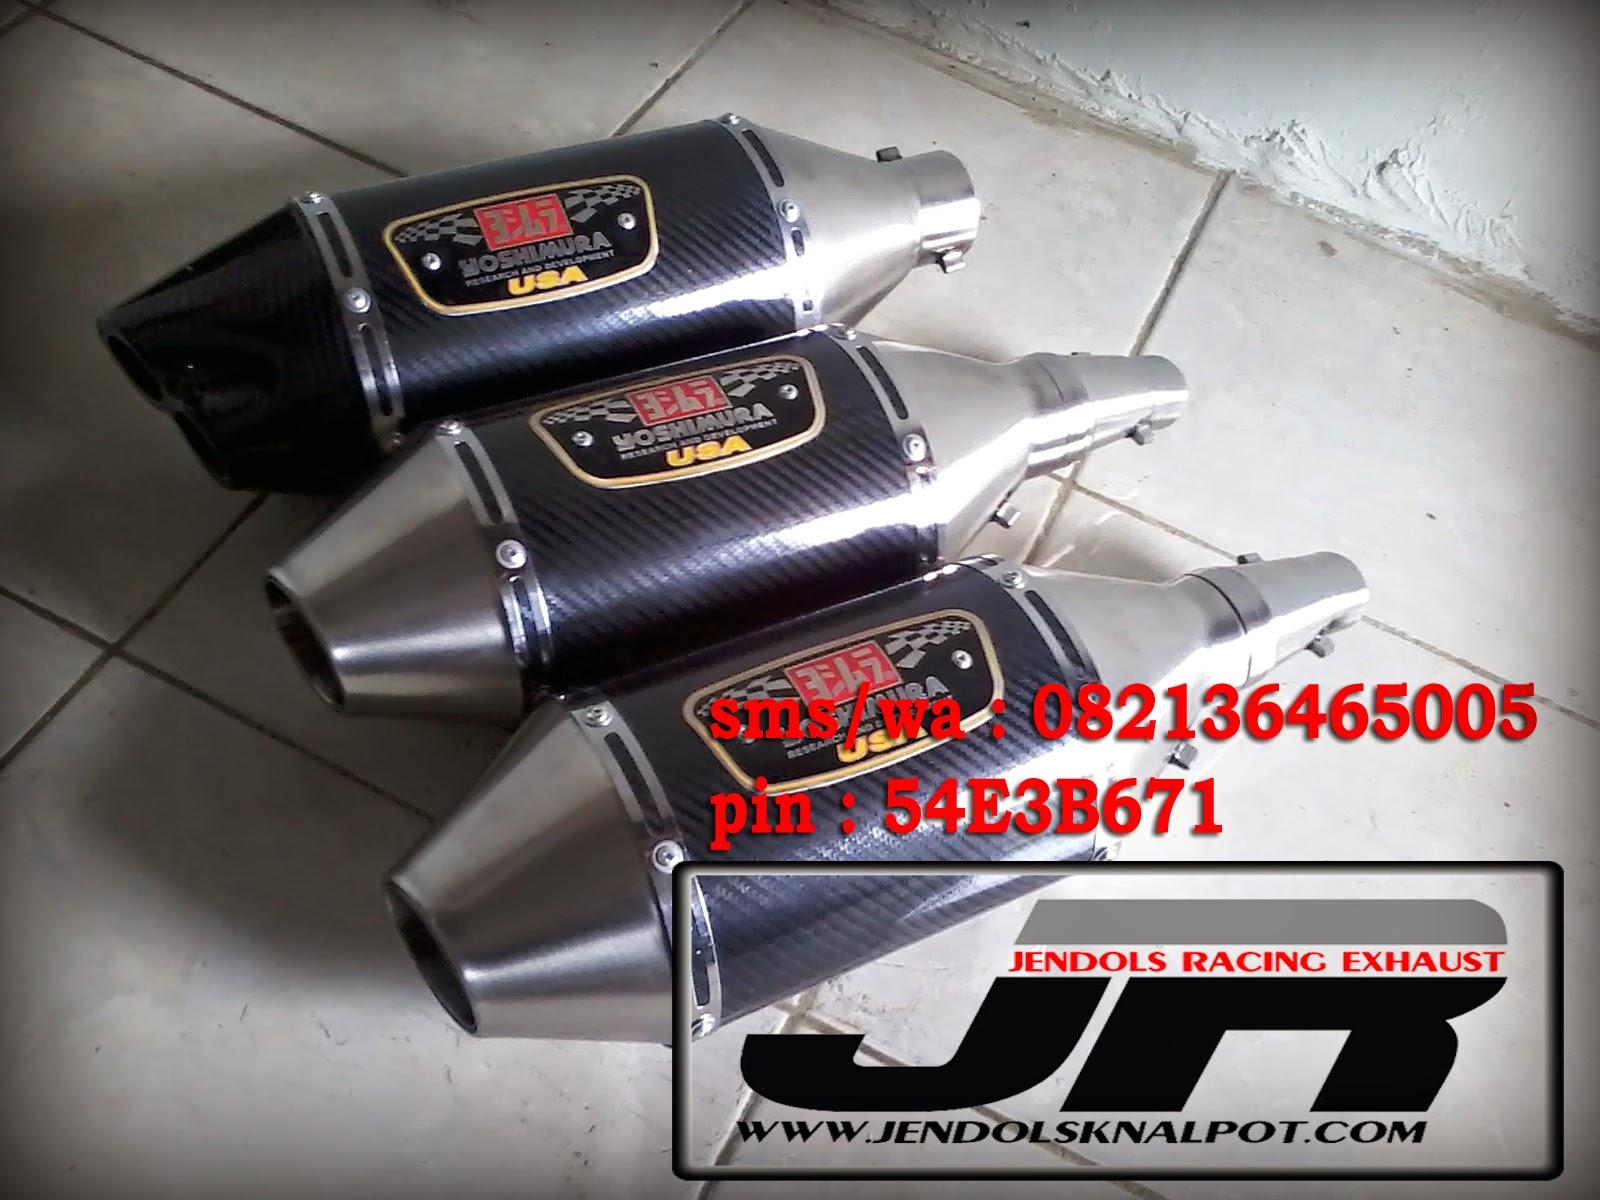 knalpot custom yoshimura , knalpot custom , knalpot motor , knalpot purbalingga